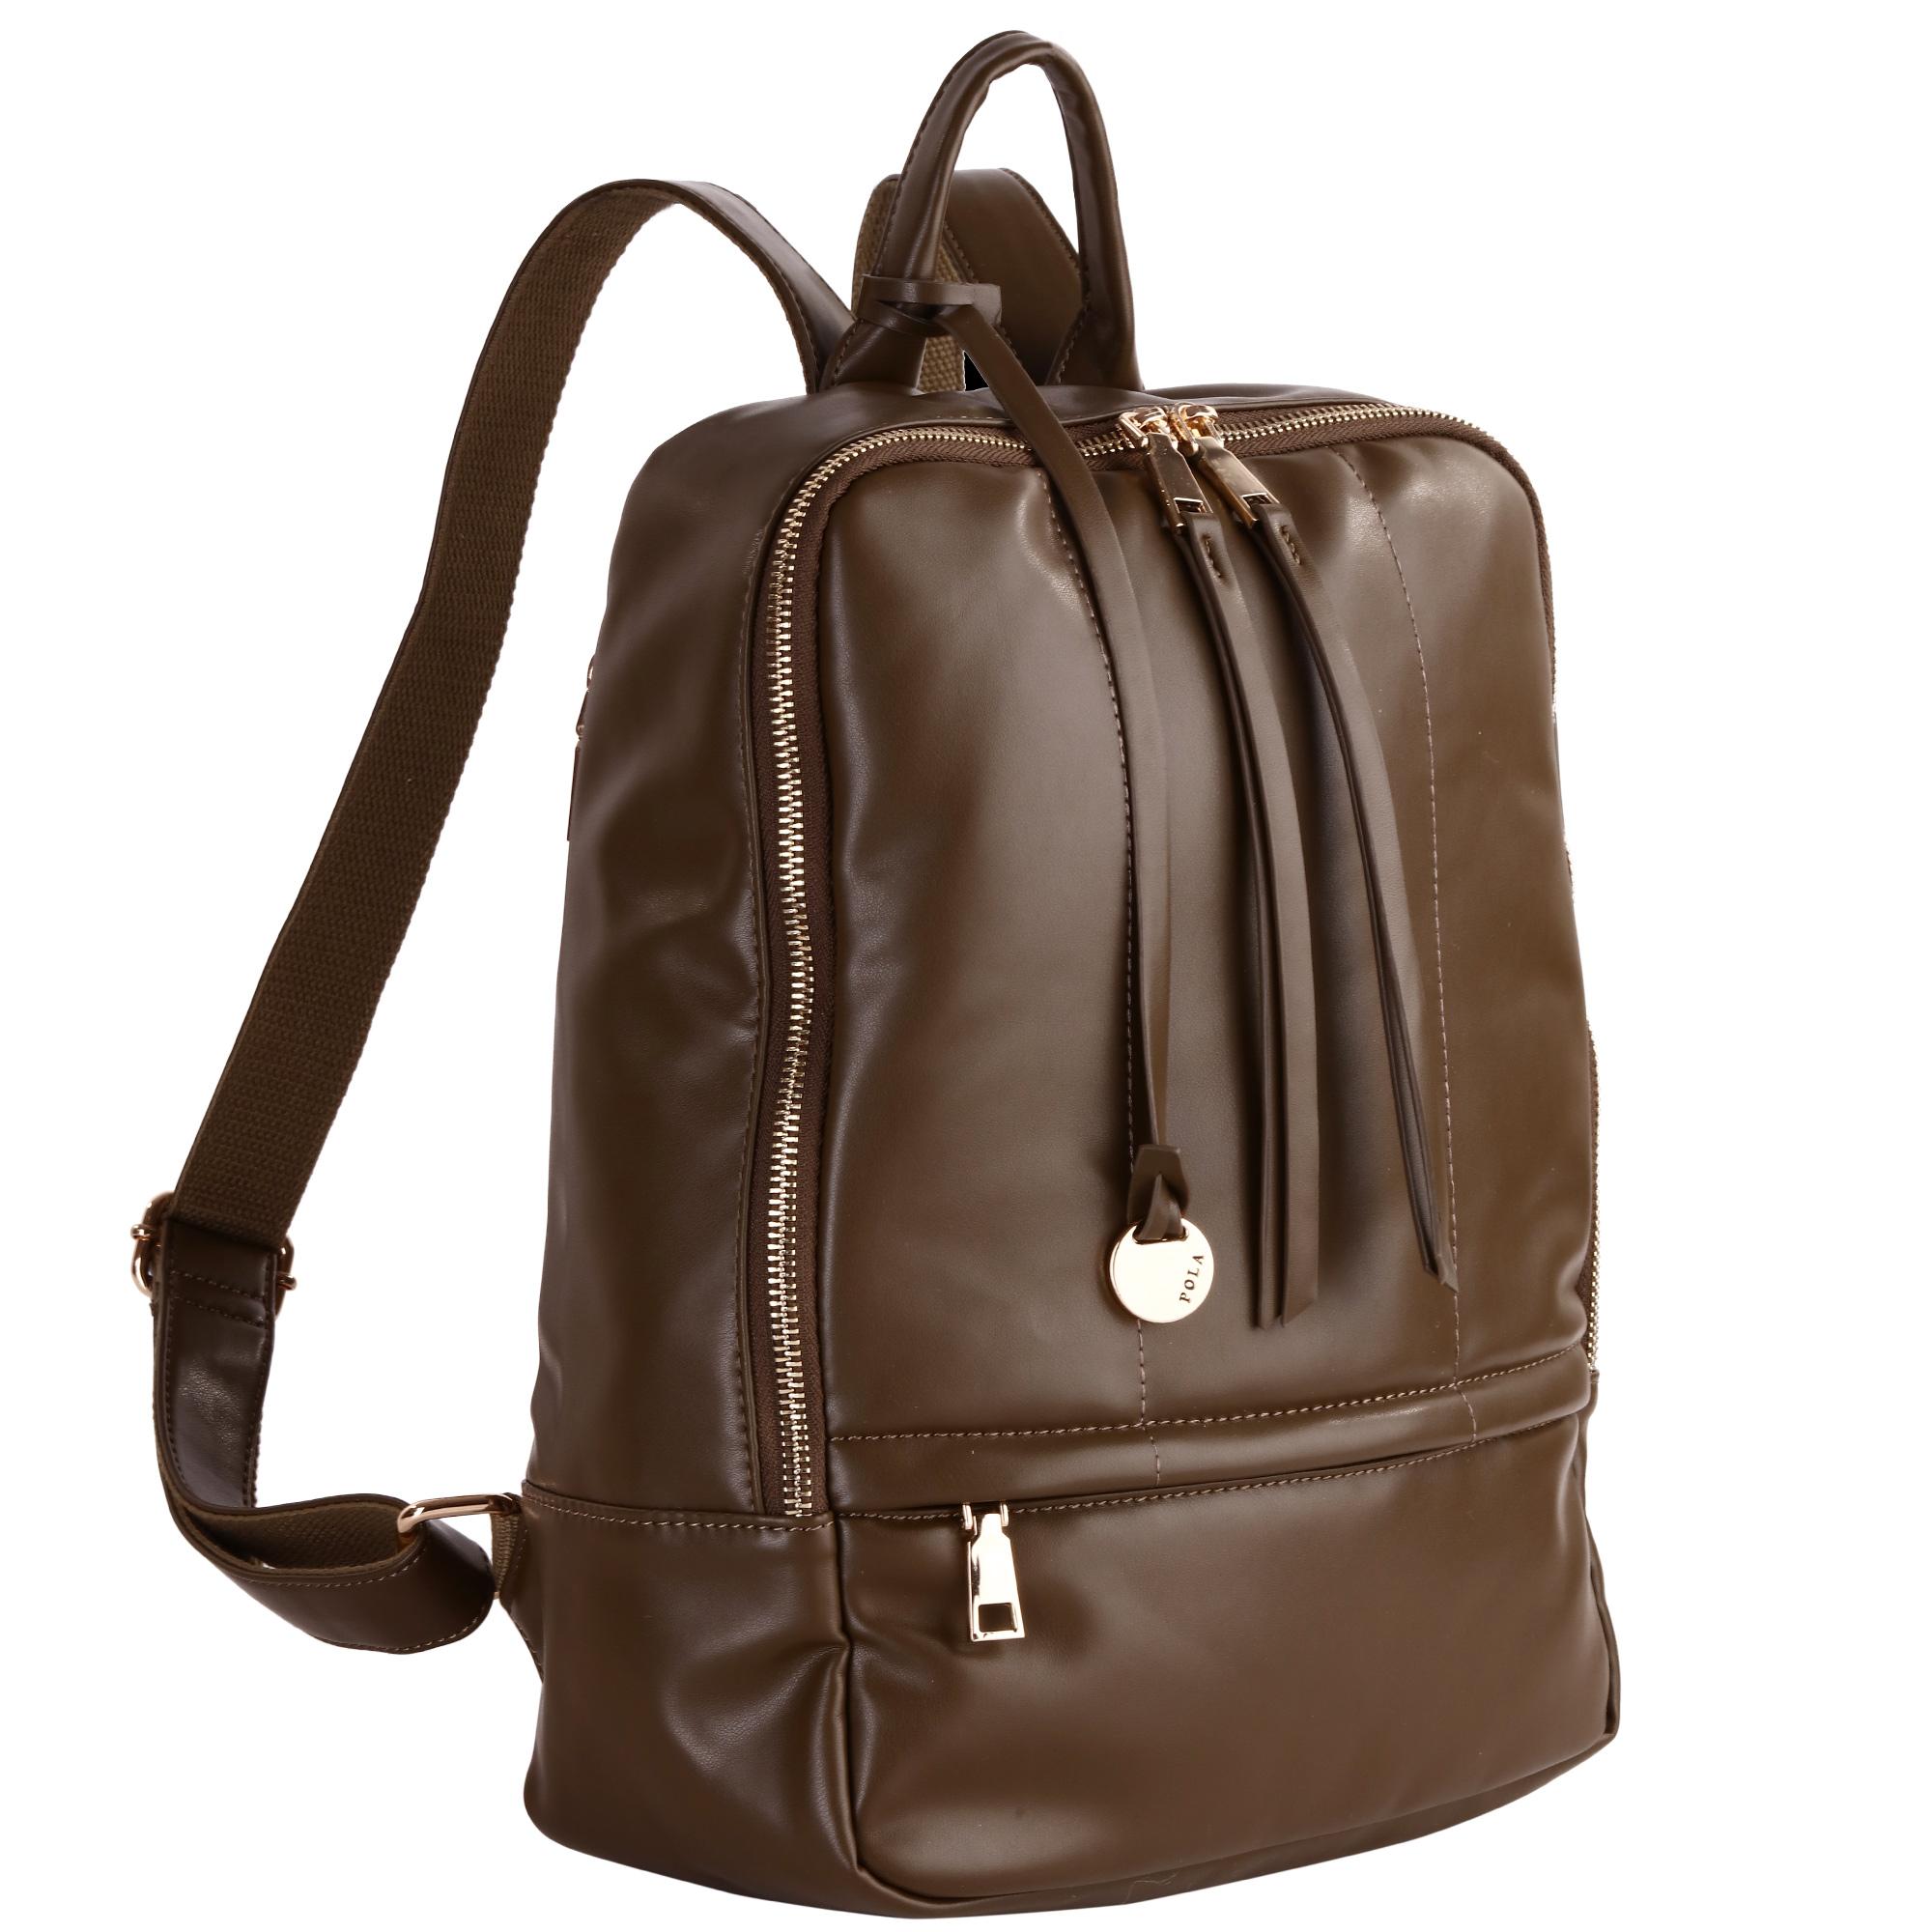 Рюкзак женский Pola, цвет: хаки. 44124412Стильный женский рюкзак Pola - очень практичен в повседневном использовании. Основное отделение закрывается на металлическую молнию. Внутри - два кармана на молниях и два открытых кармашка. Снаружи – карманы на молниях сзади и спереди рюкзака. Лямки регулируются по длине. Эта универсальная модель идеально подойдет как для путешествий, так и для учебы или работы, а так же позволит вам взять с собой все самое необходимое.